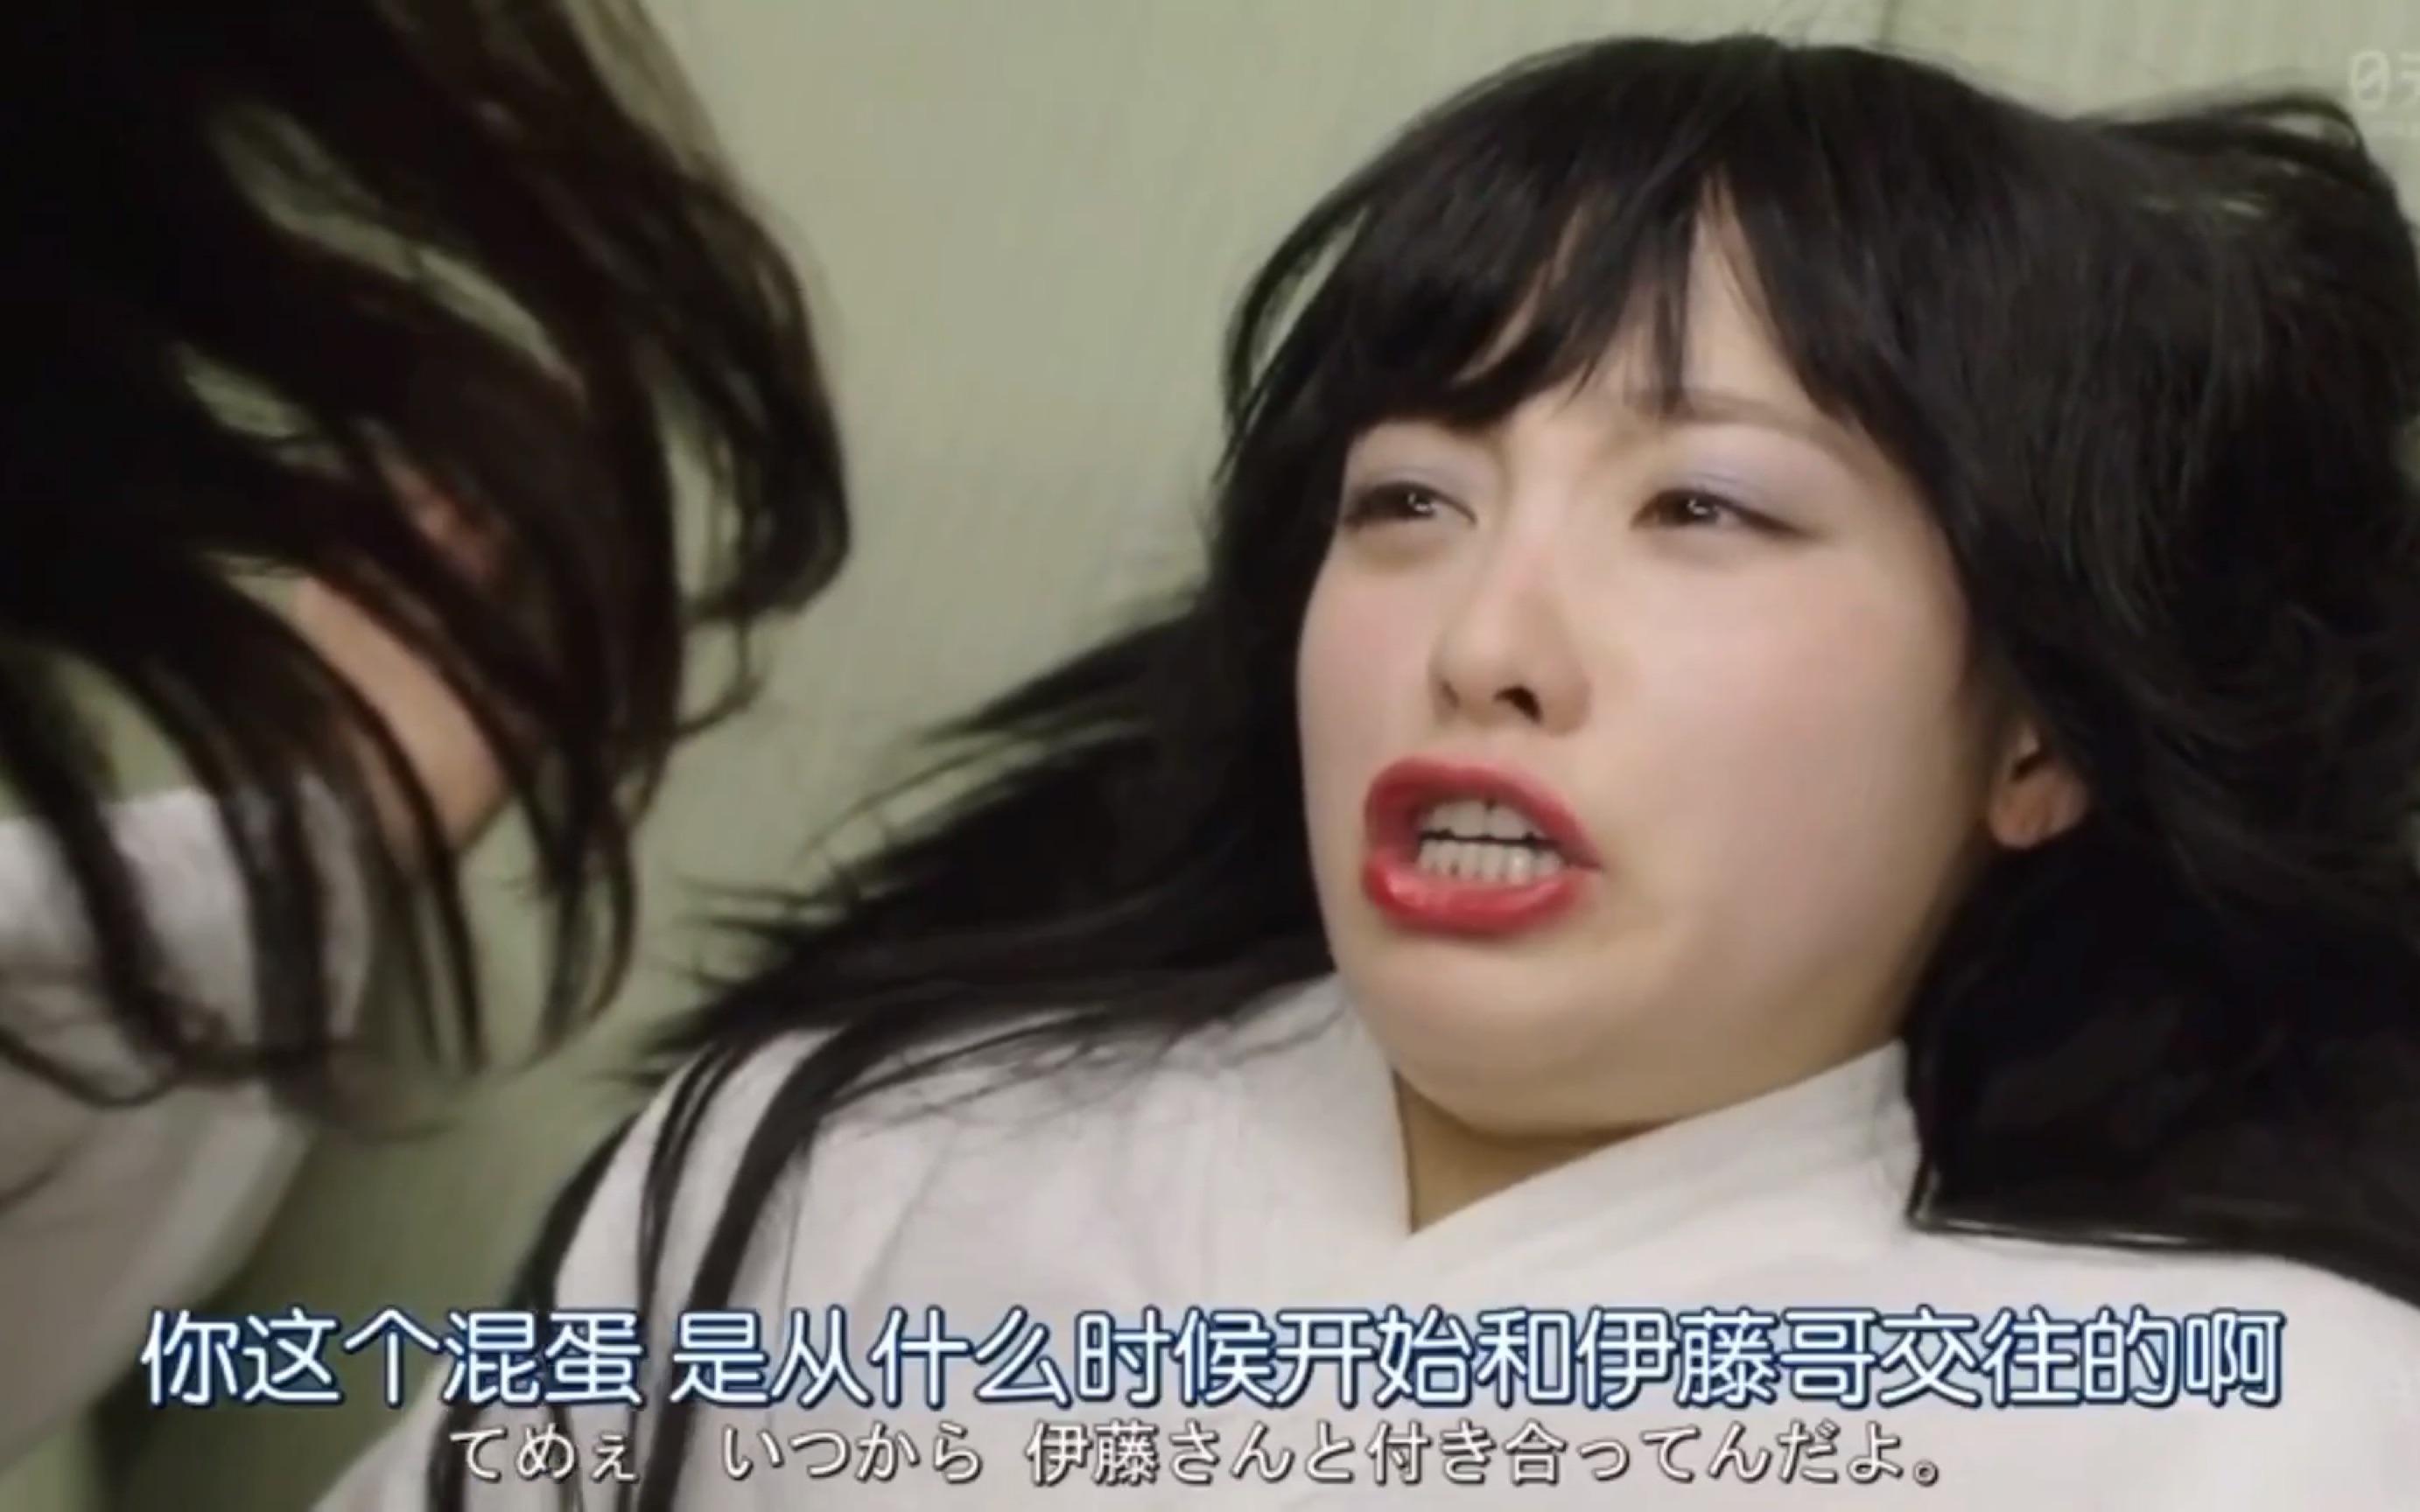 表情 我是大哥大 京子与理子单挑 哈哈,误会了 下载 AV35387431 影视剪辑 表情